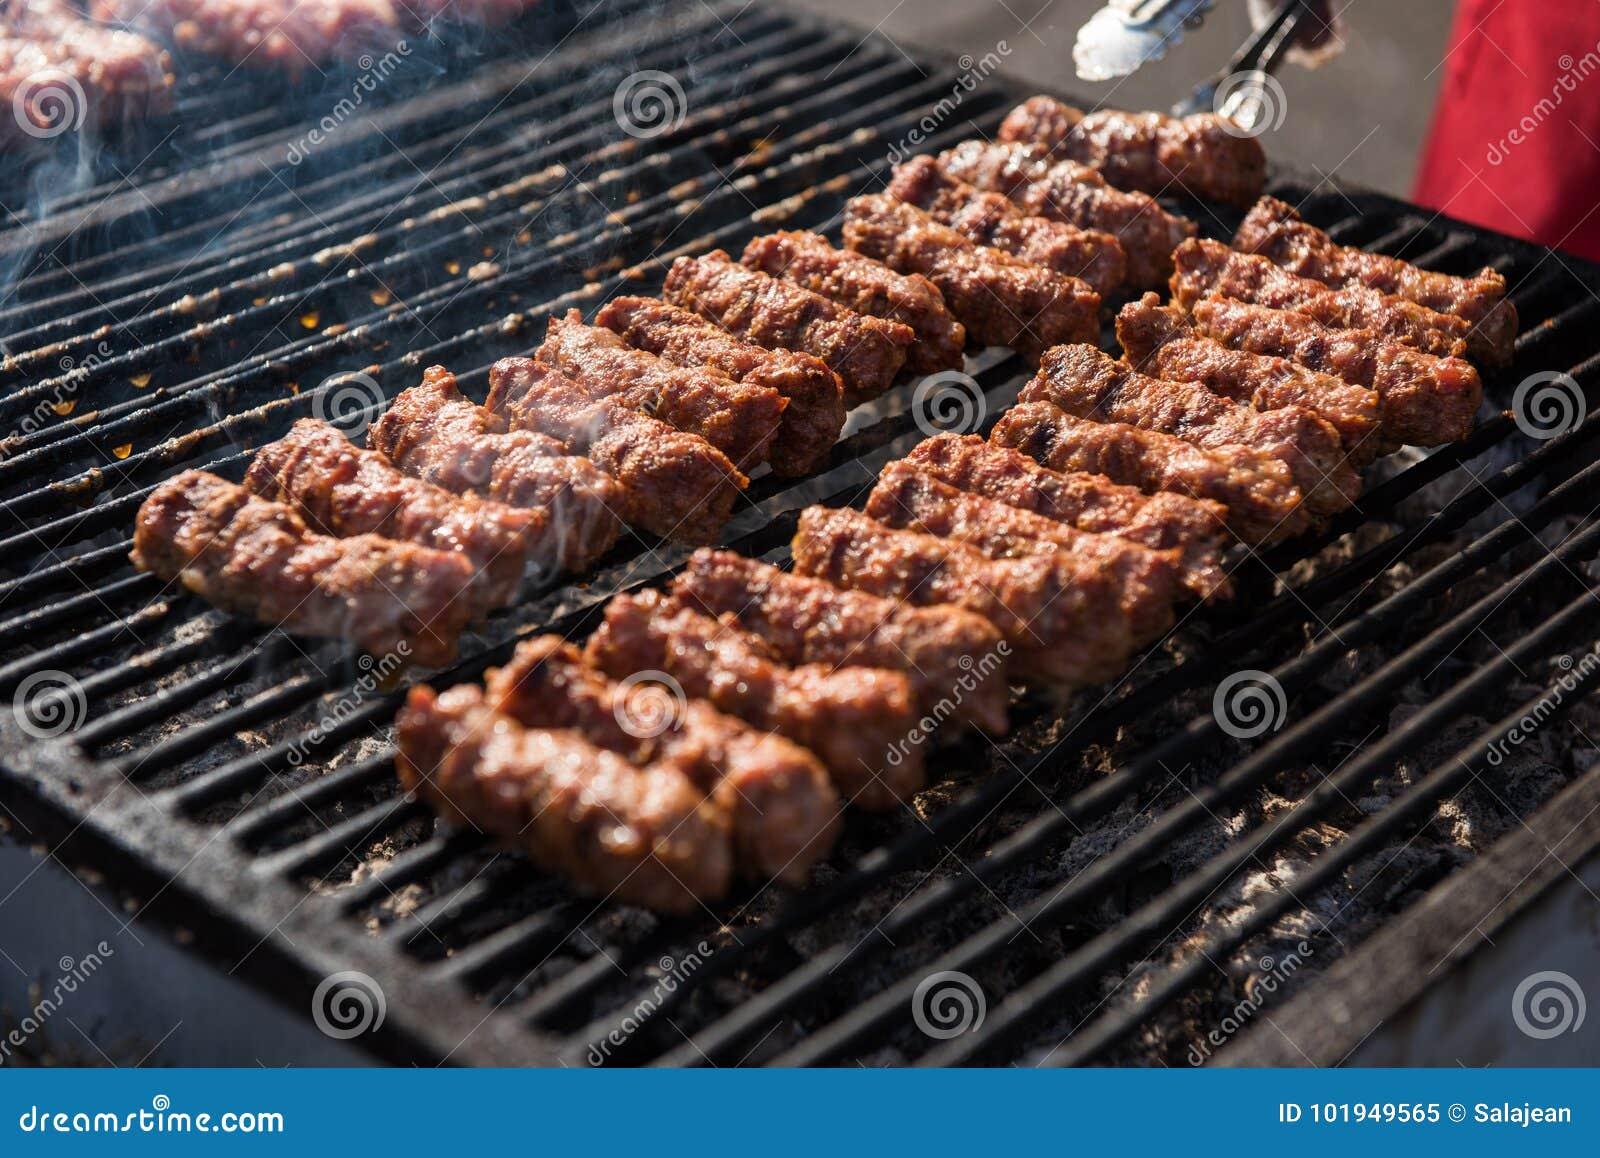 Mititei, mici,罗马尼亚传统肉卷